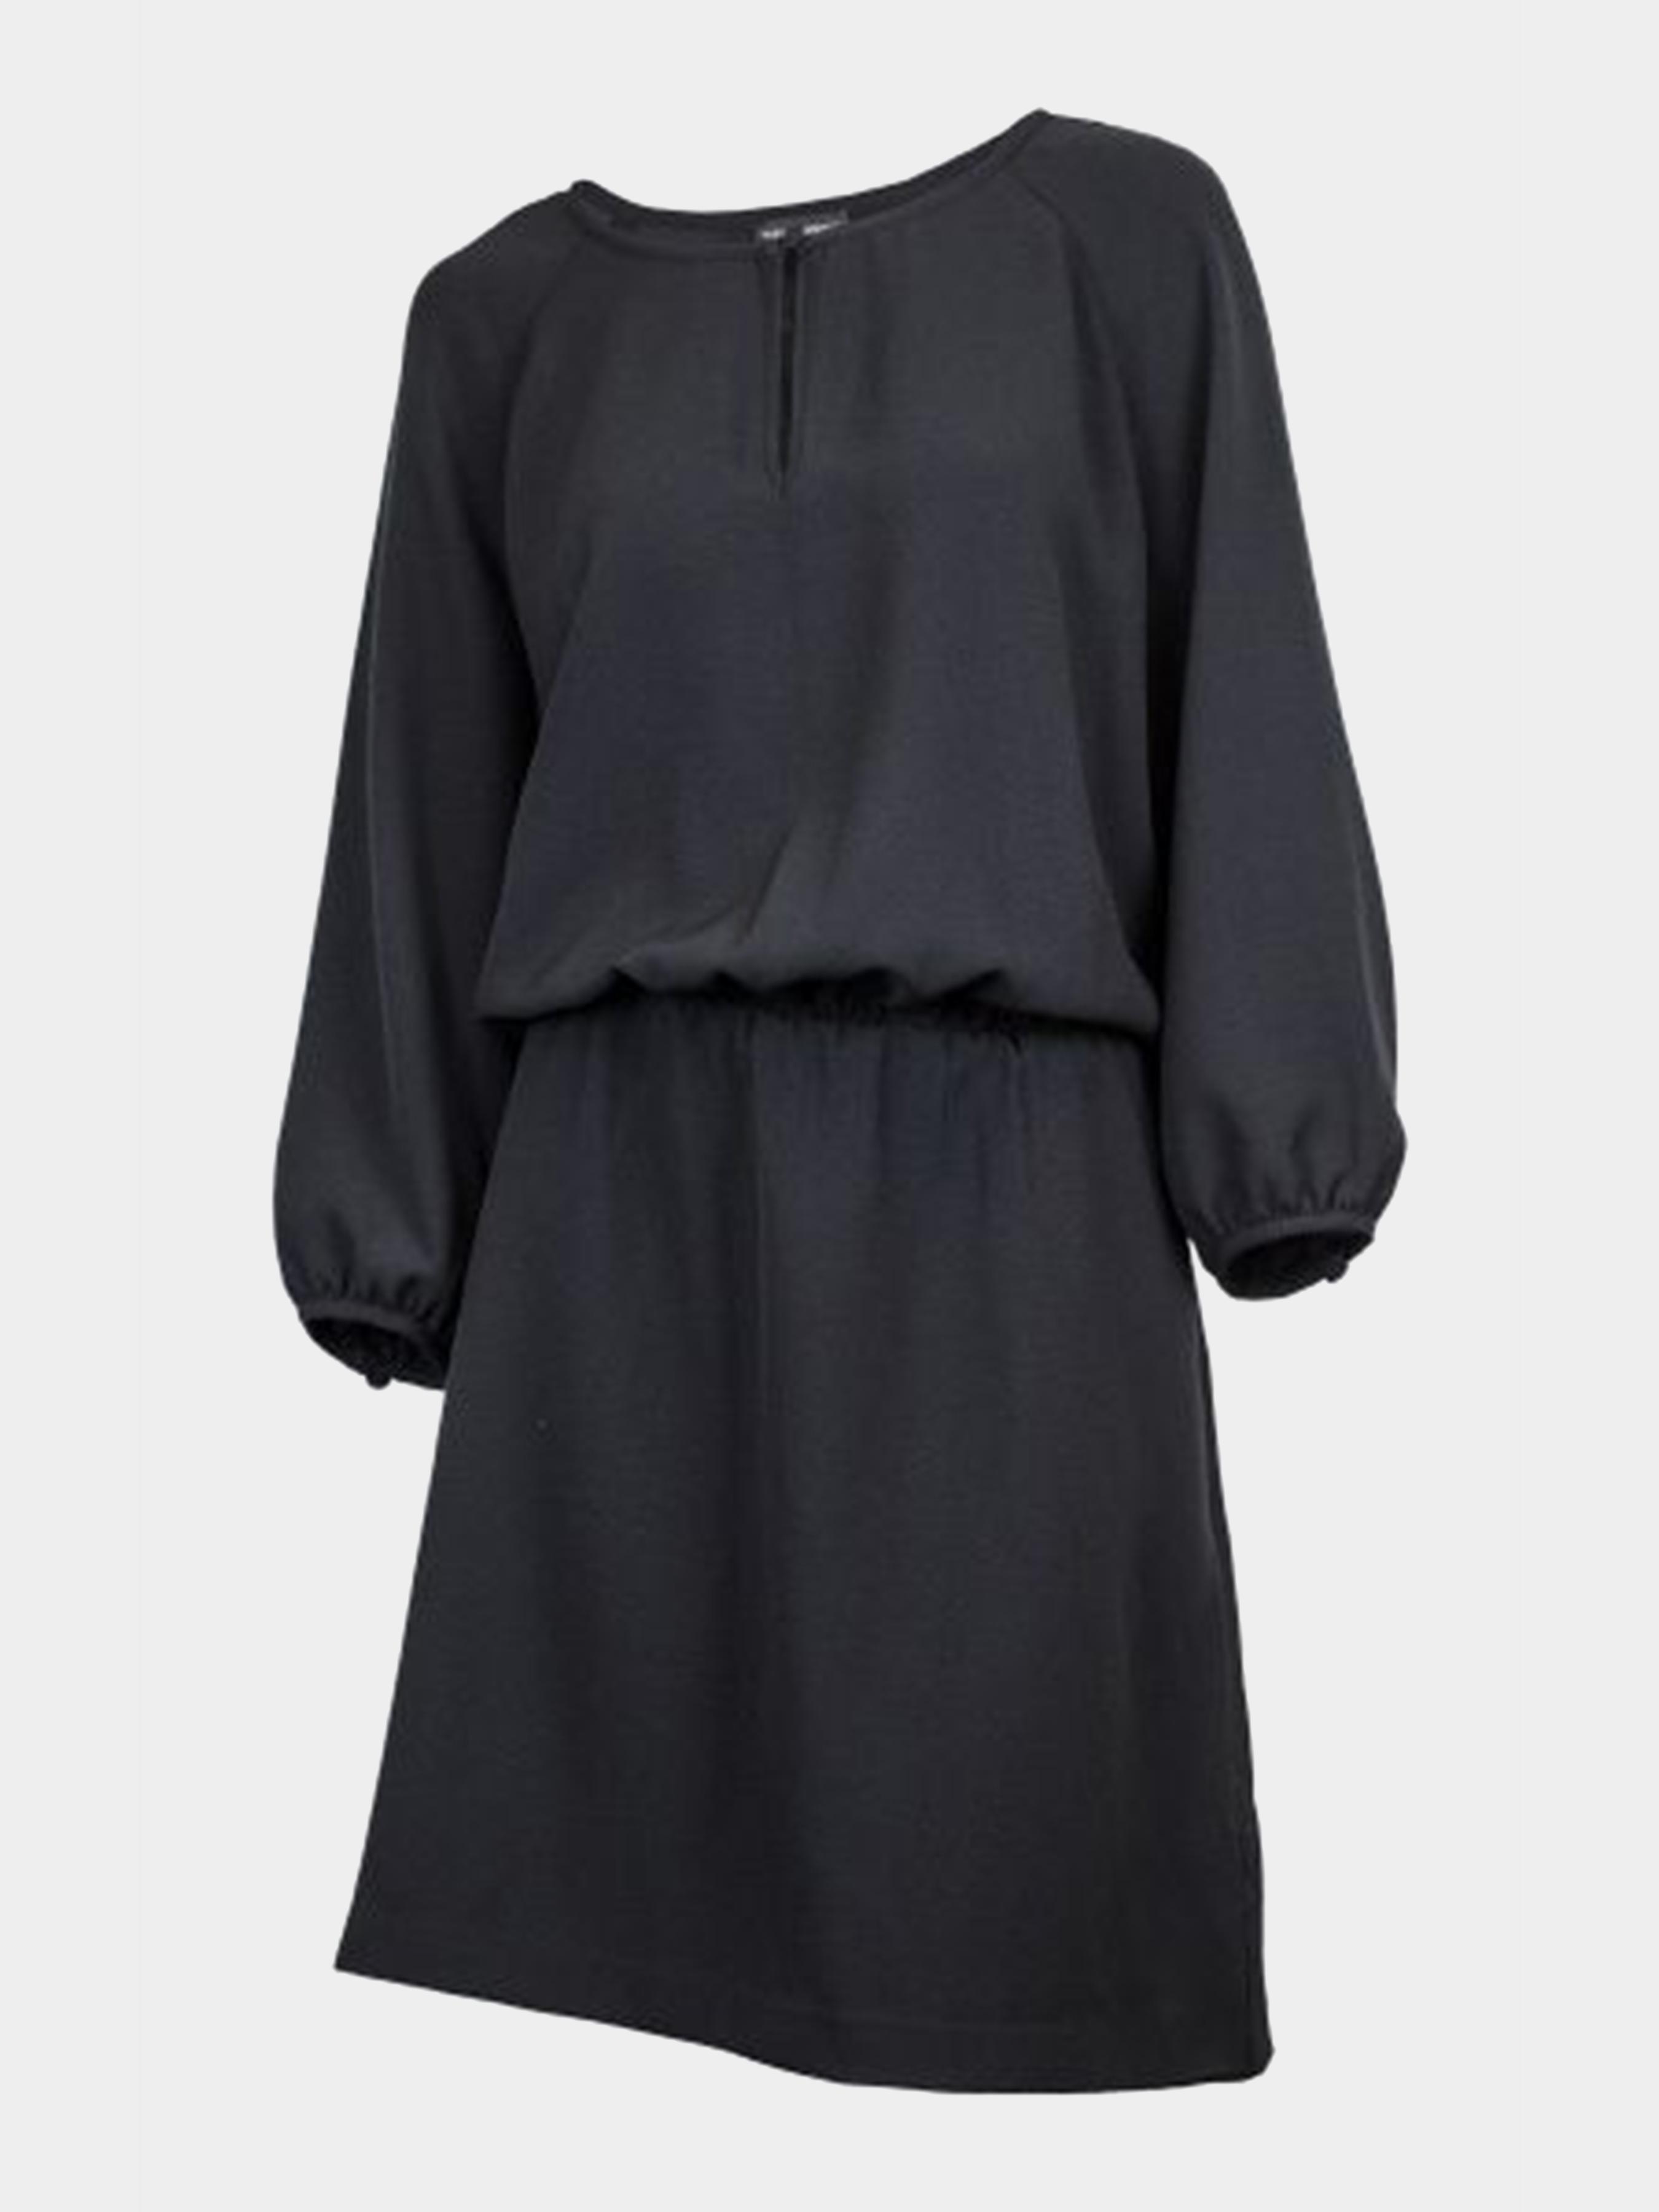 Купить Платье женские модель 5P81, Emporio Armani, Черный